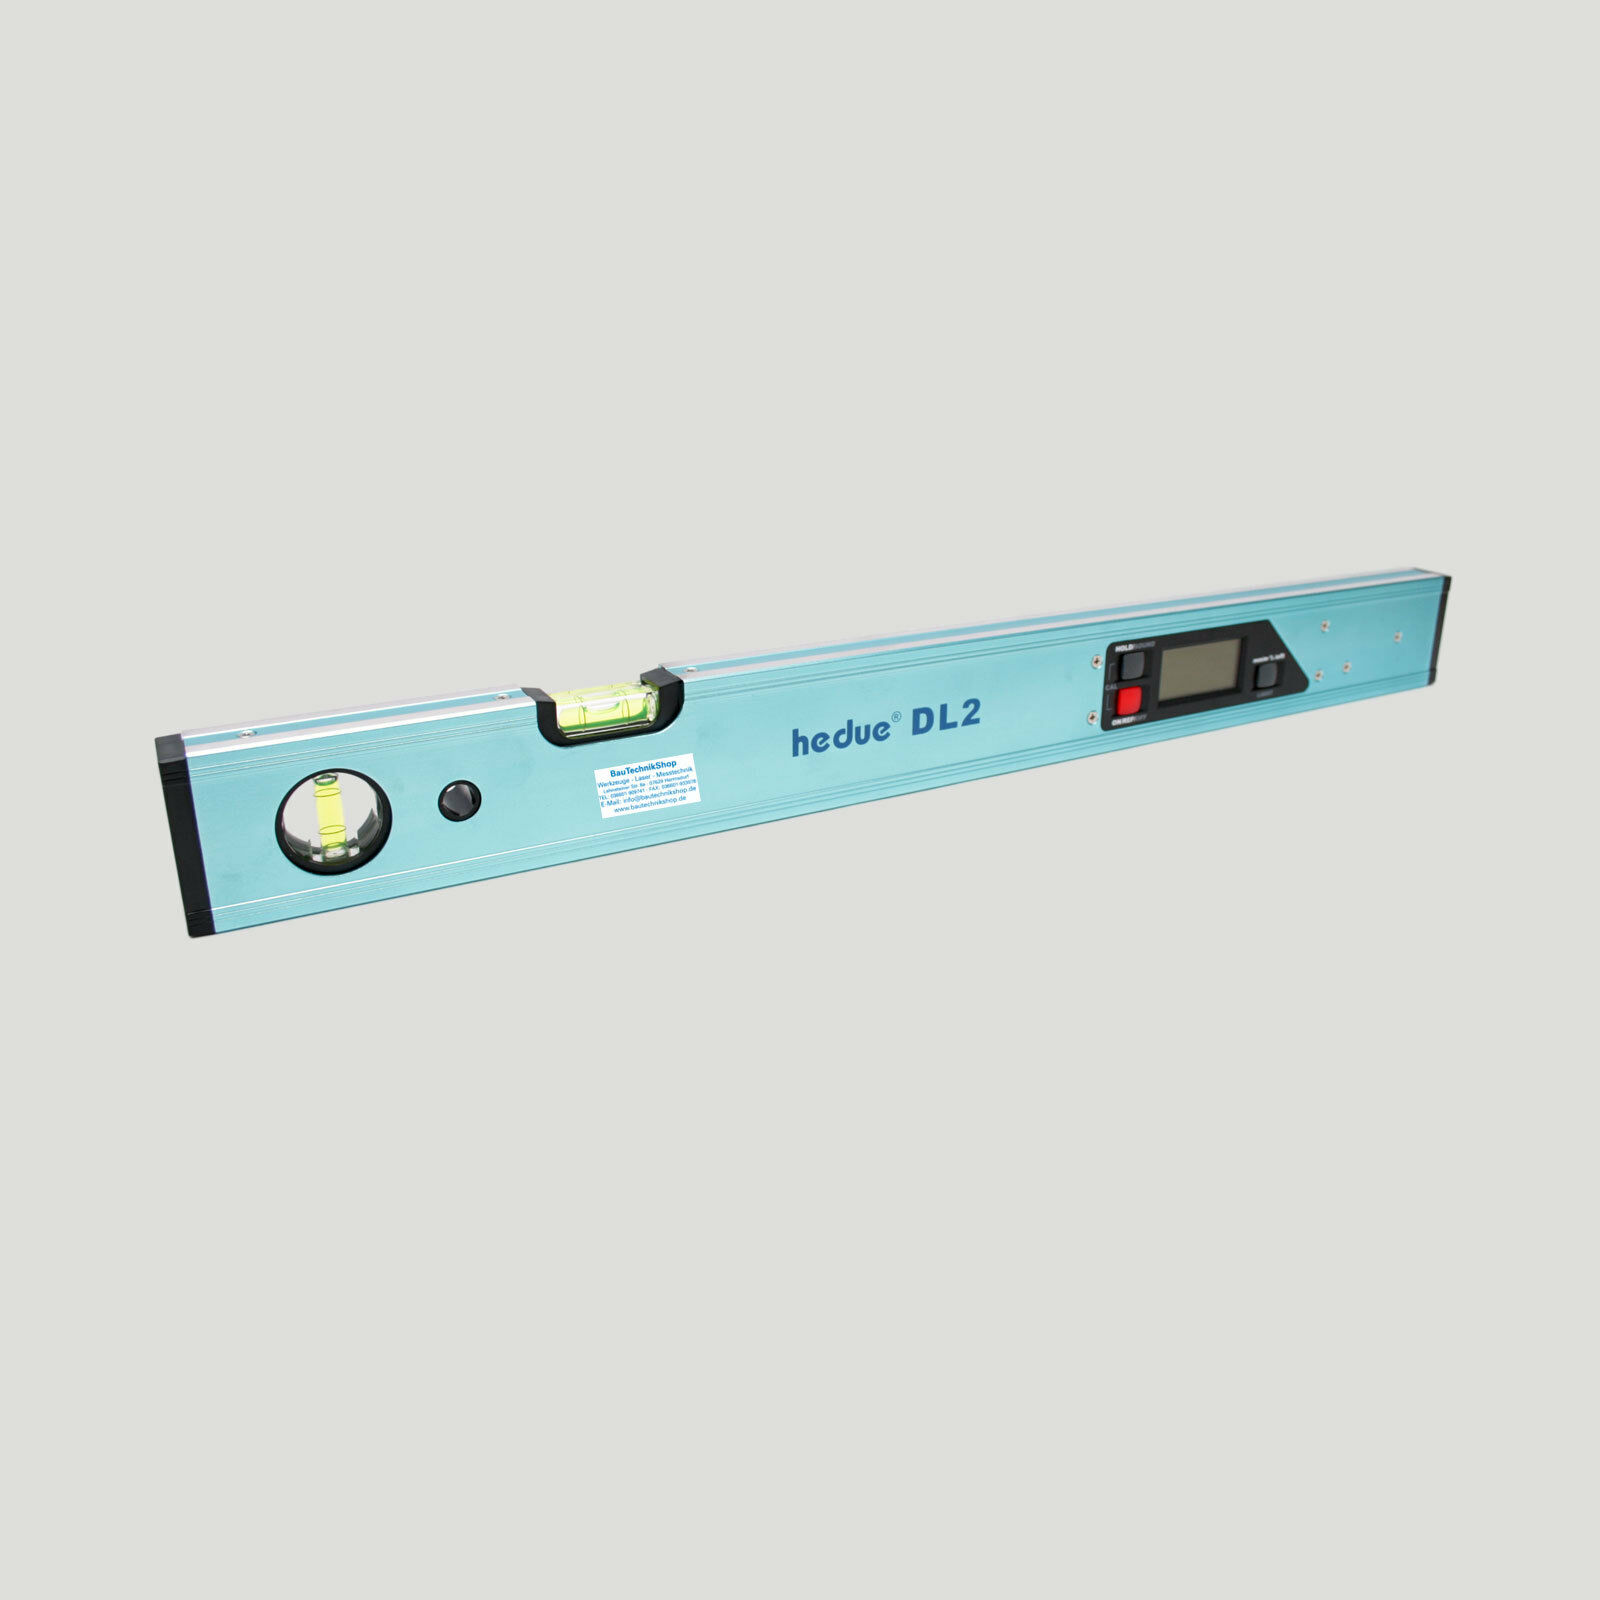 Digitale Wasserwaage 60cm hedue® DL2 - Messbereich 4 x 90° - Relativ- + Absolut